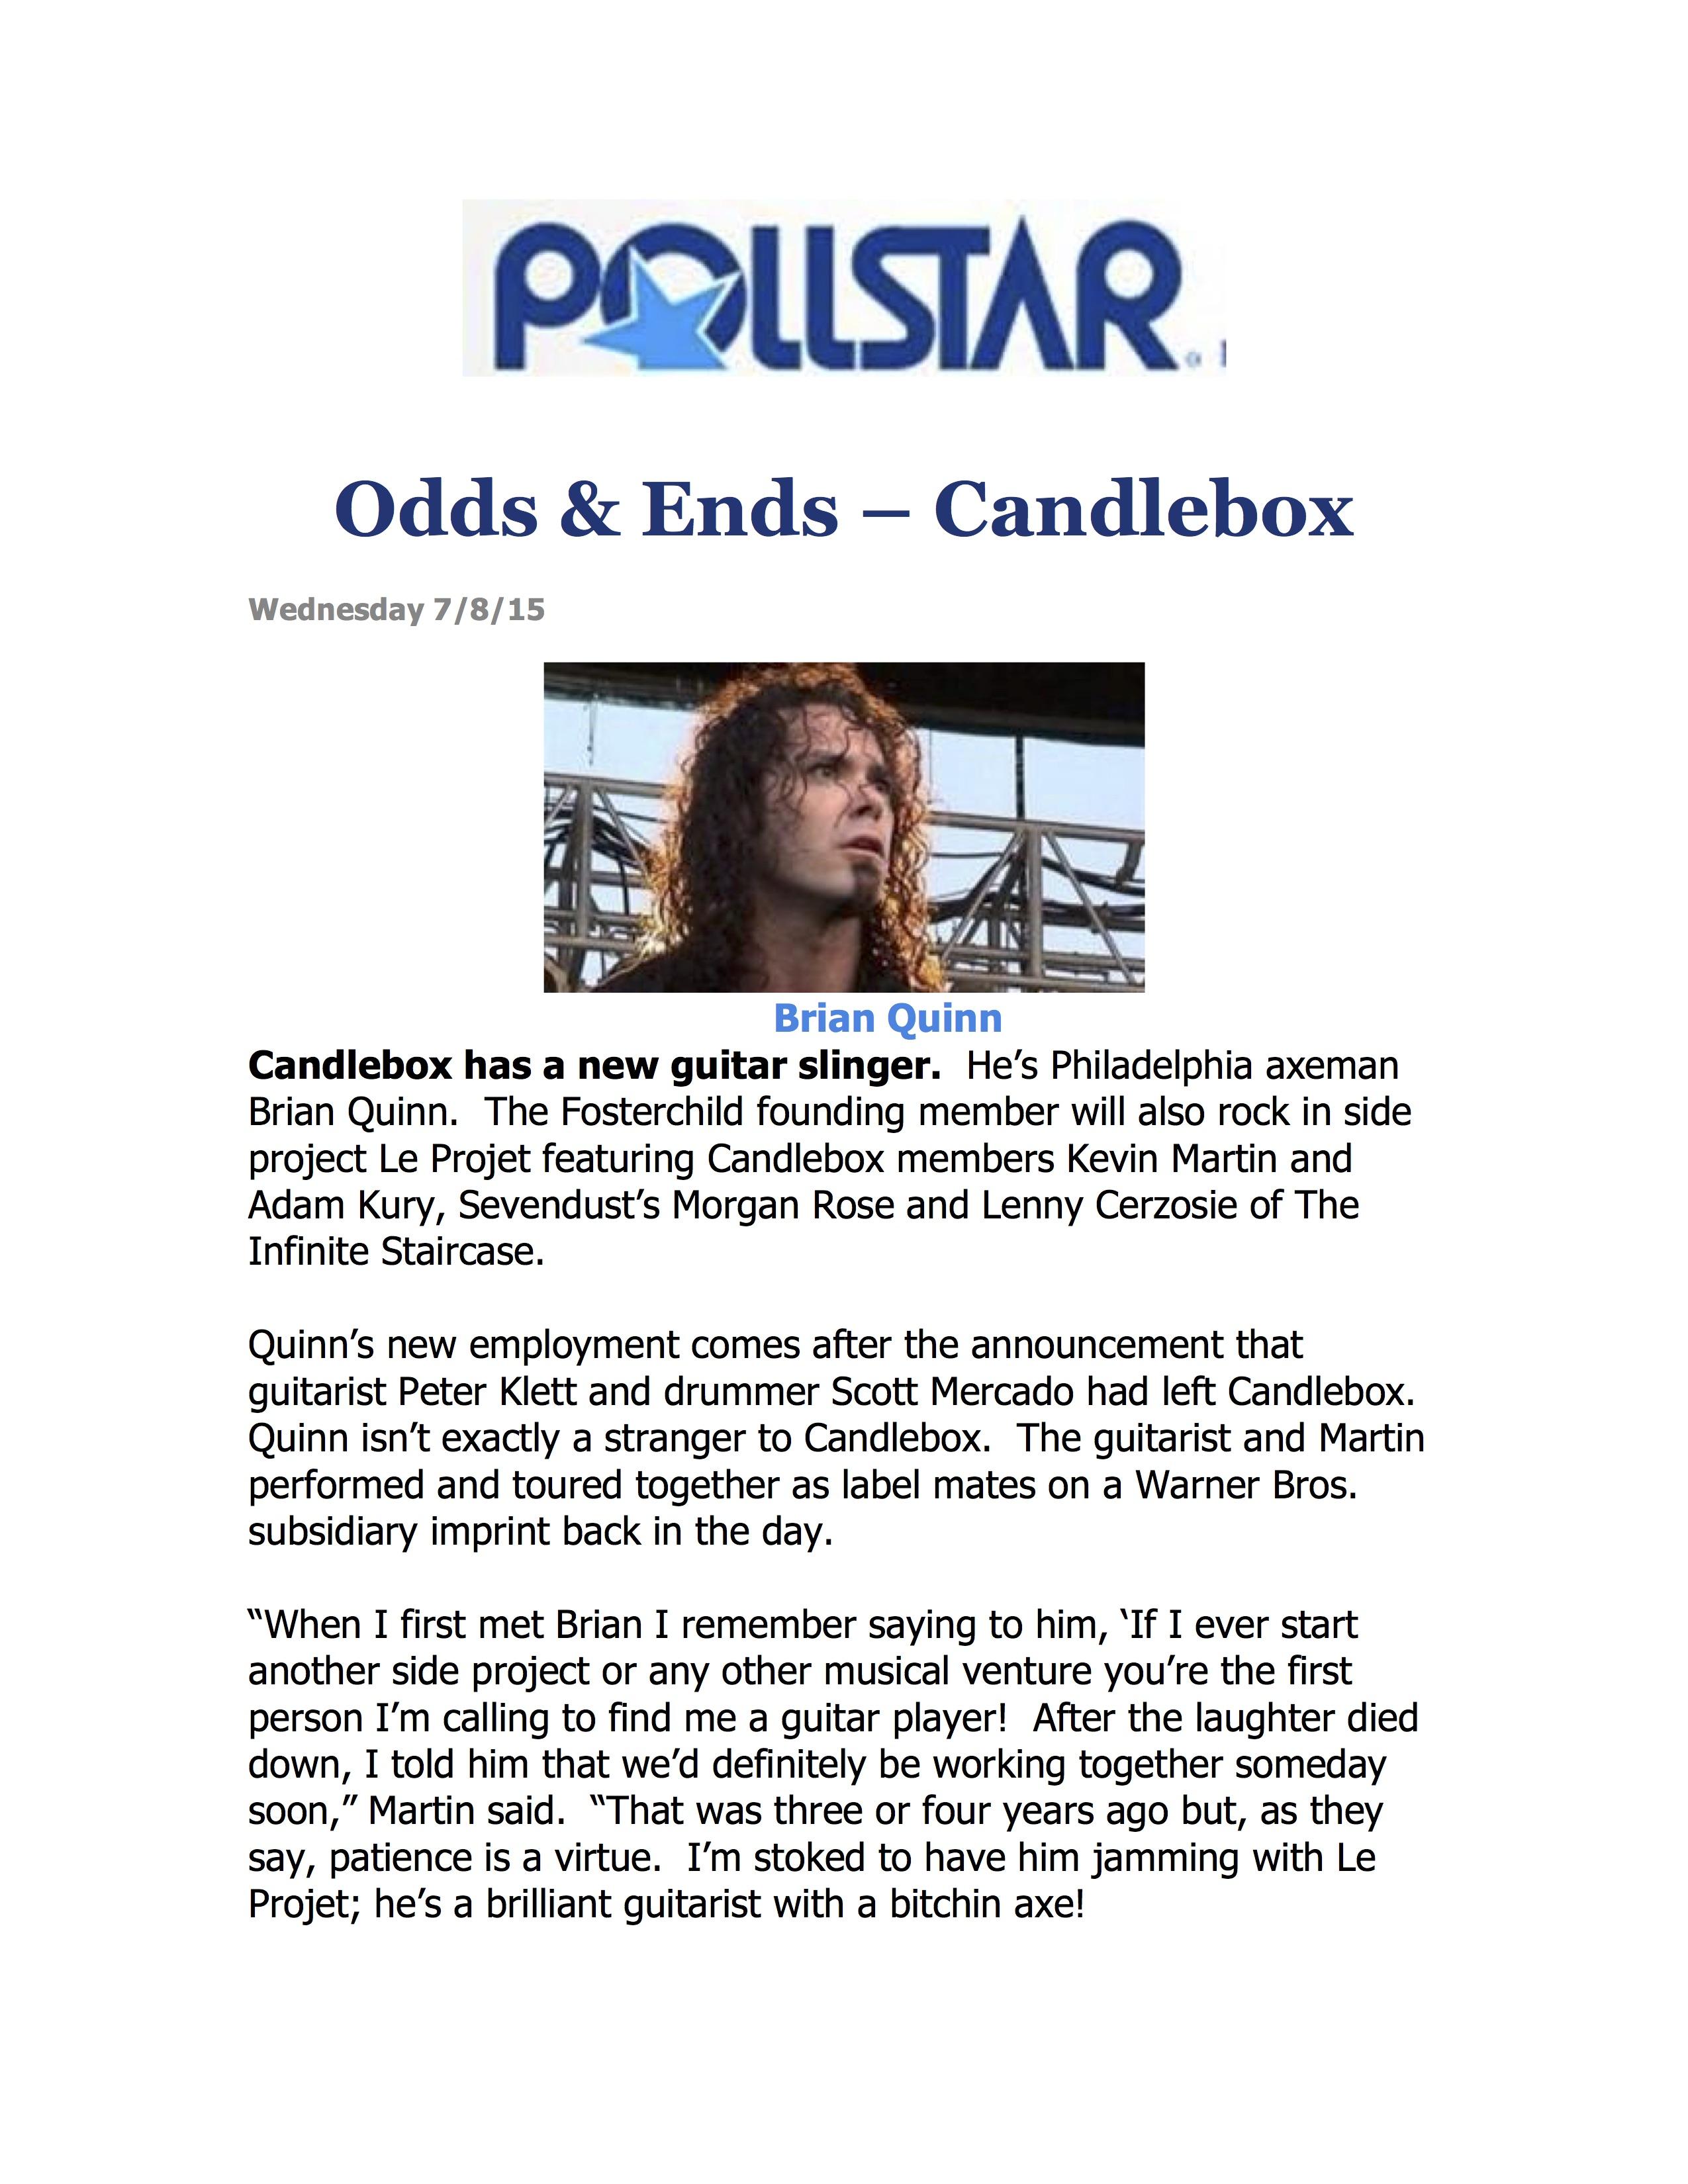 Pollstar LeProjet 2